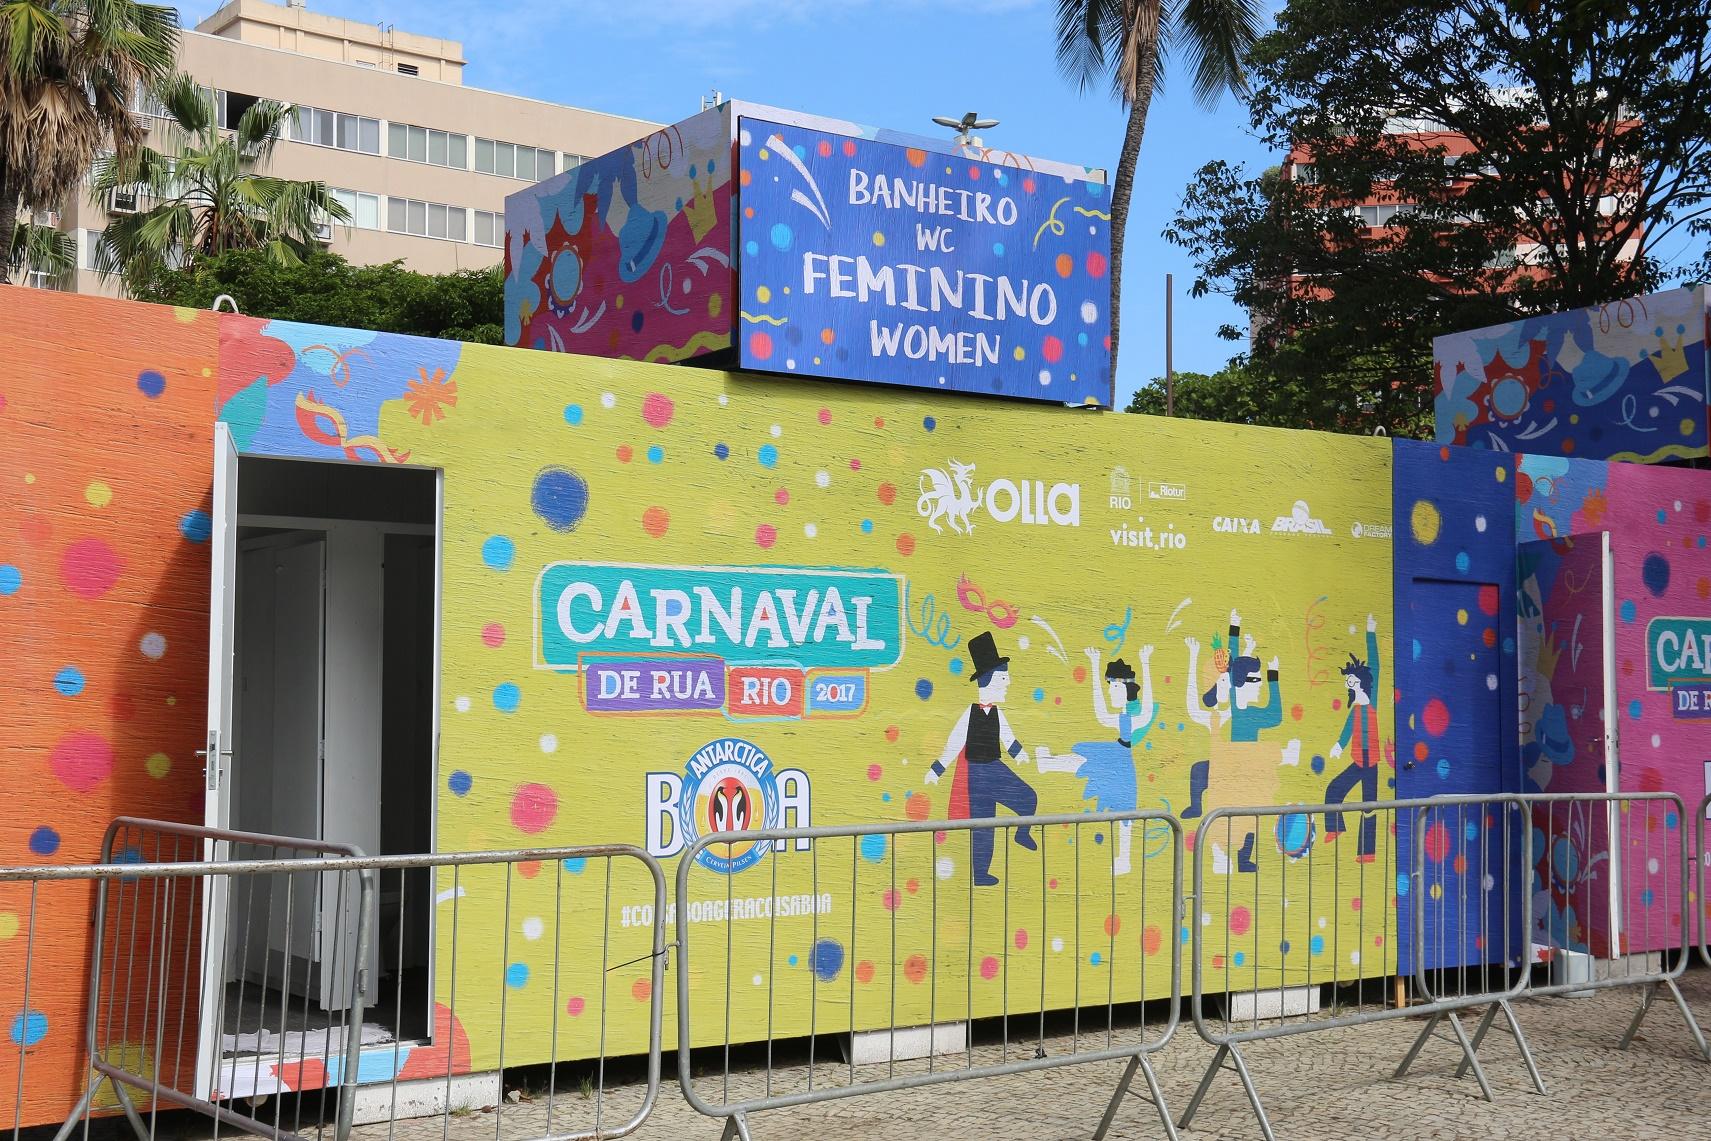 Os banheiros químicos são parte do investimento do patrocinador em infraestrutura. Foto de Luiz Souza/NurPhoto